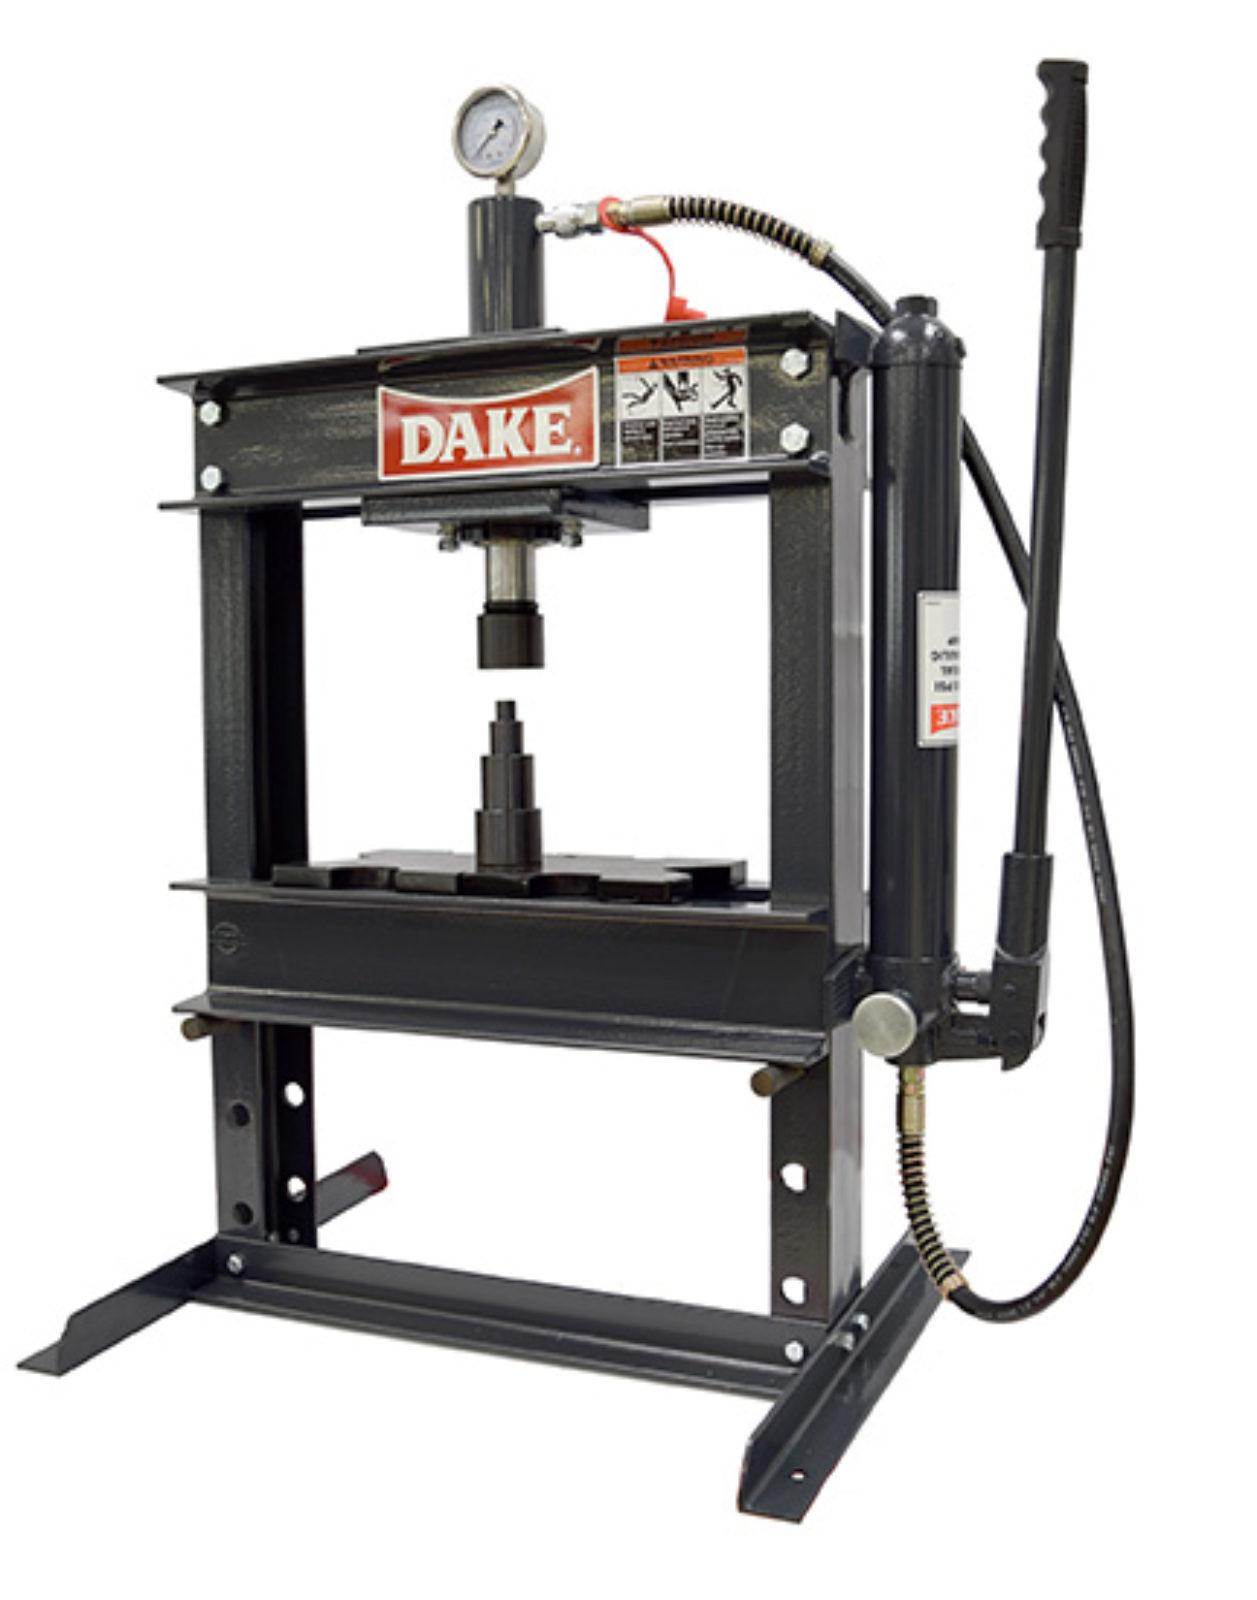 Dake B-10 Utility Press Seal and Spring Repair for Metalworking